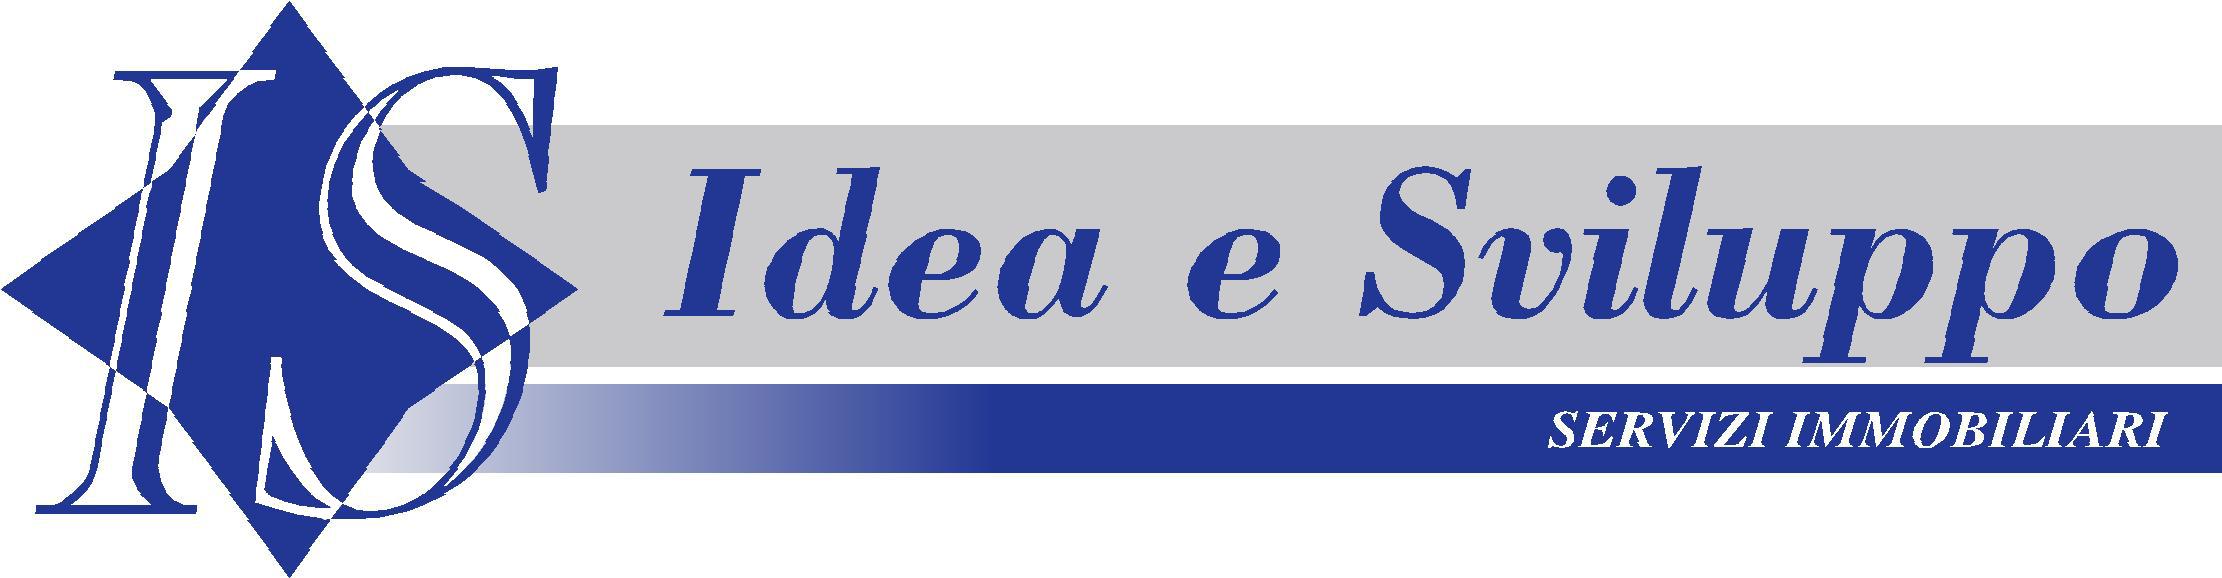 Idea e Sviluppo s.a.s di Zagatti Marco & c.